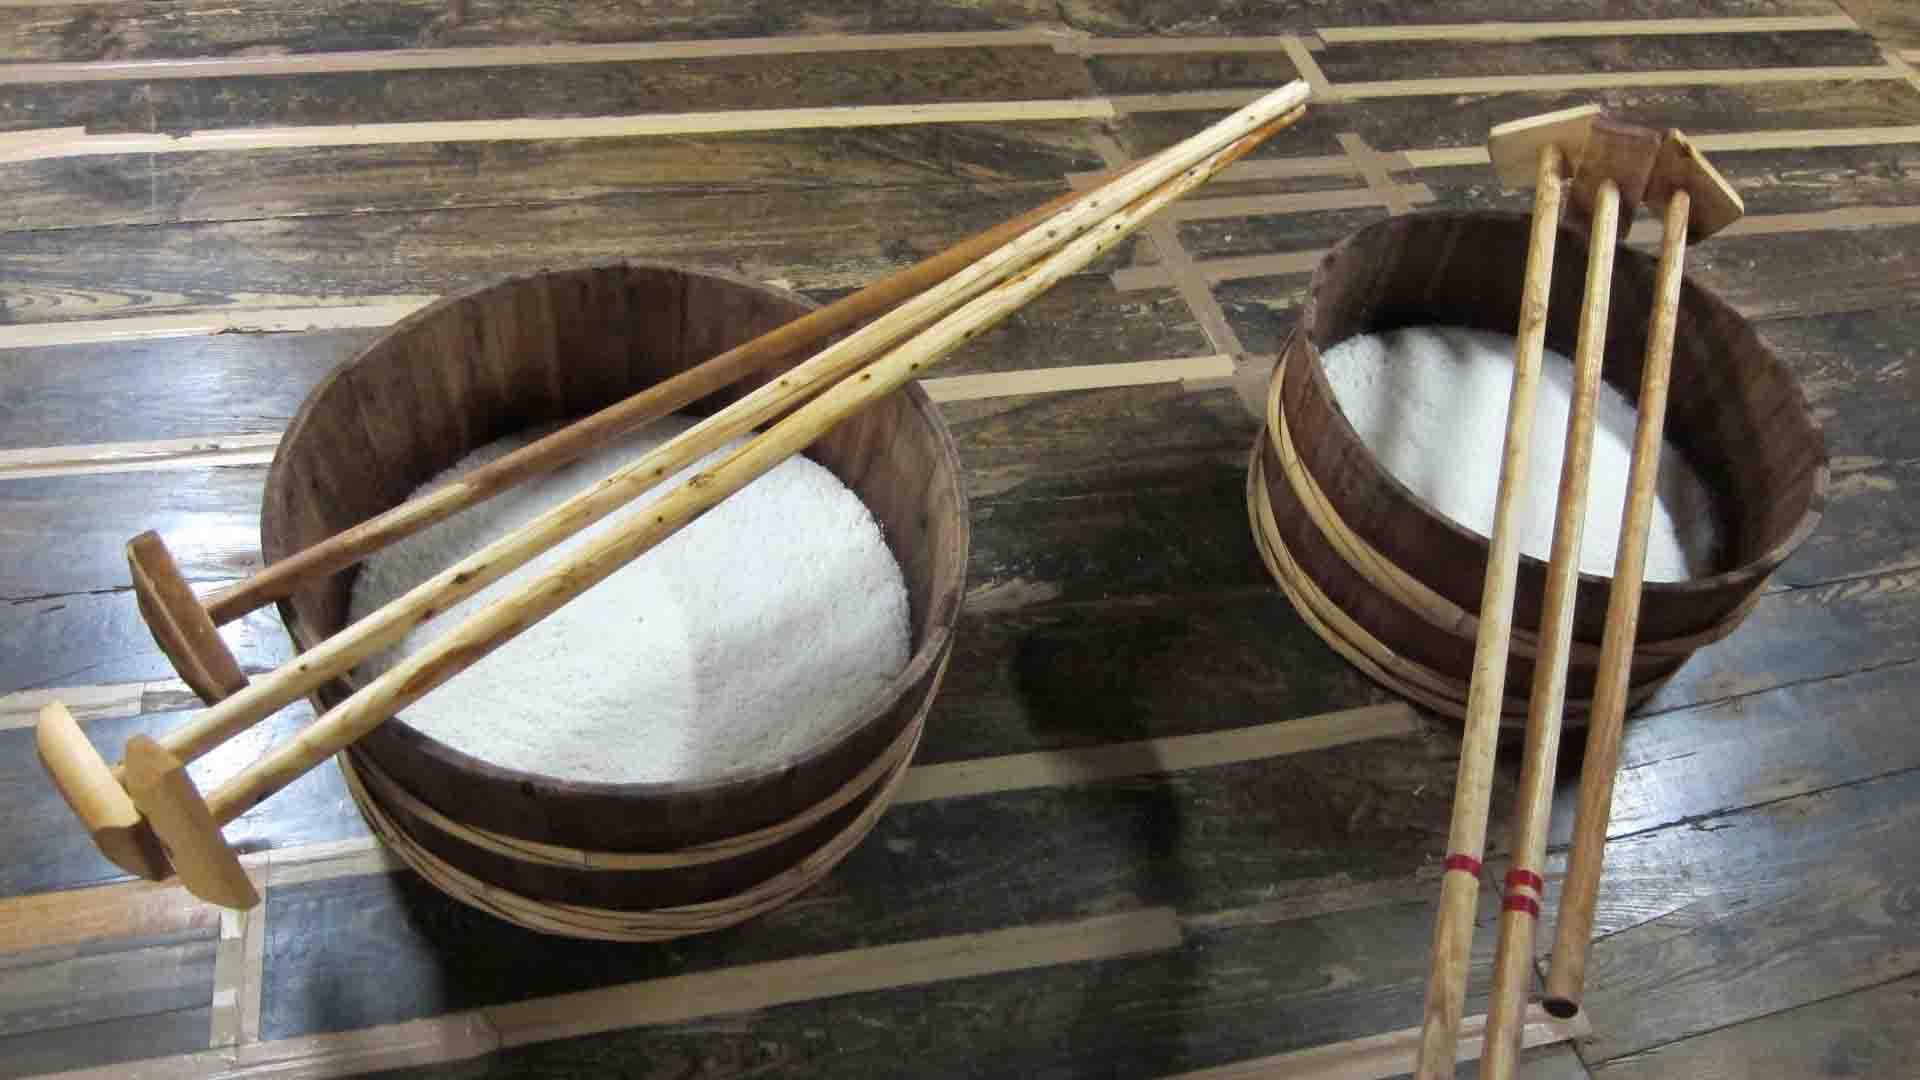 Brassage à la main et levures naturelles au sein de la brasserie Umetsu shuzo